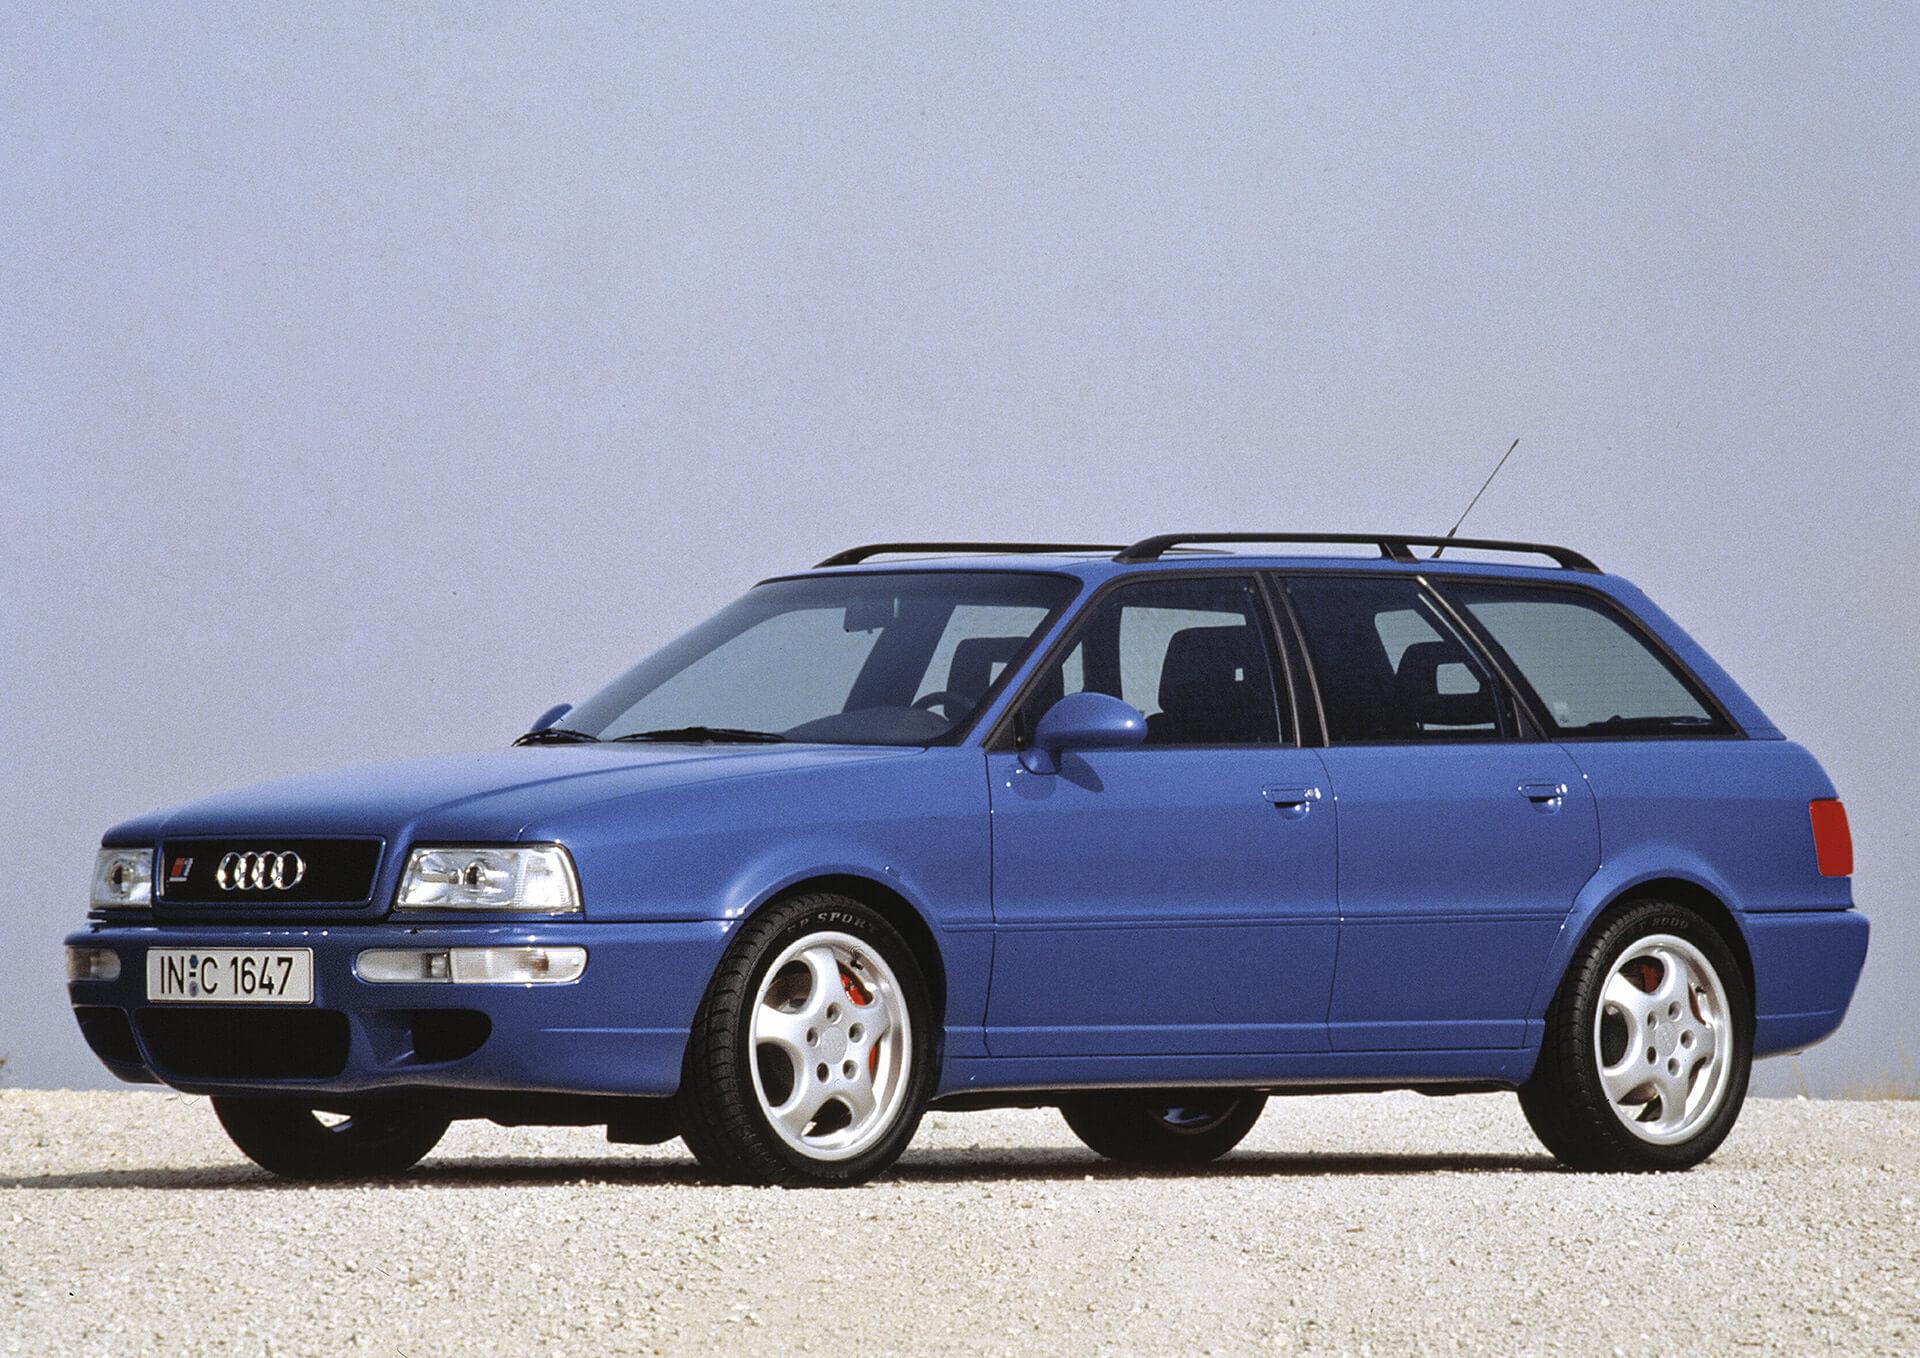 1994, η χρονιά που η Audi λάνσαρε στην αγορά το RS 2 Avant, το πρώτο μοντέλο RS